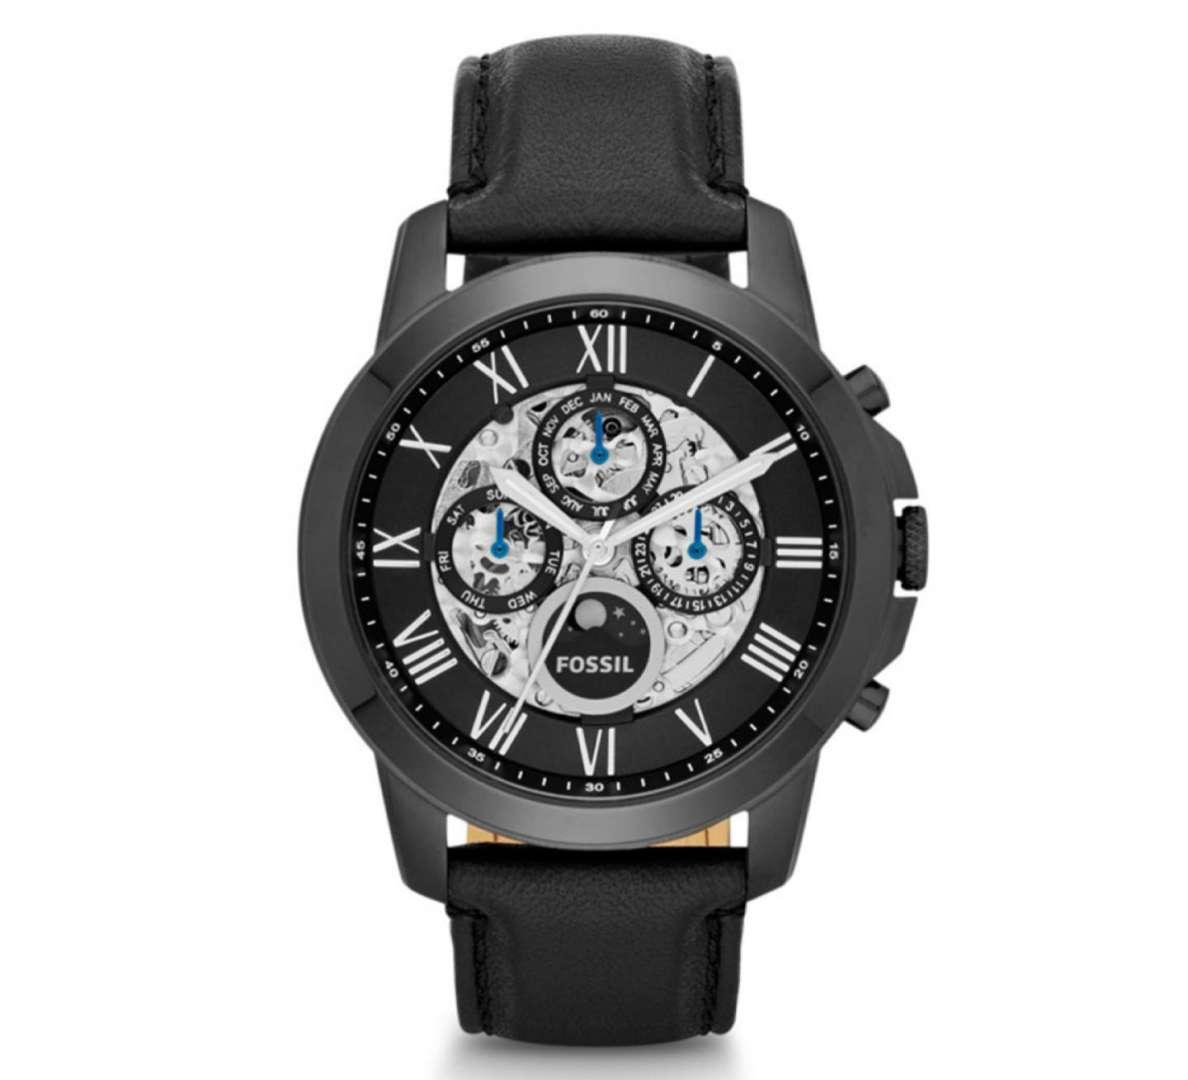 שעון יד אנלוגי fossil me3028 פוסיל